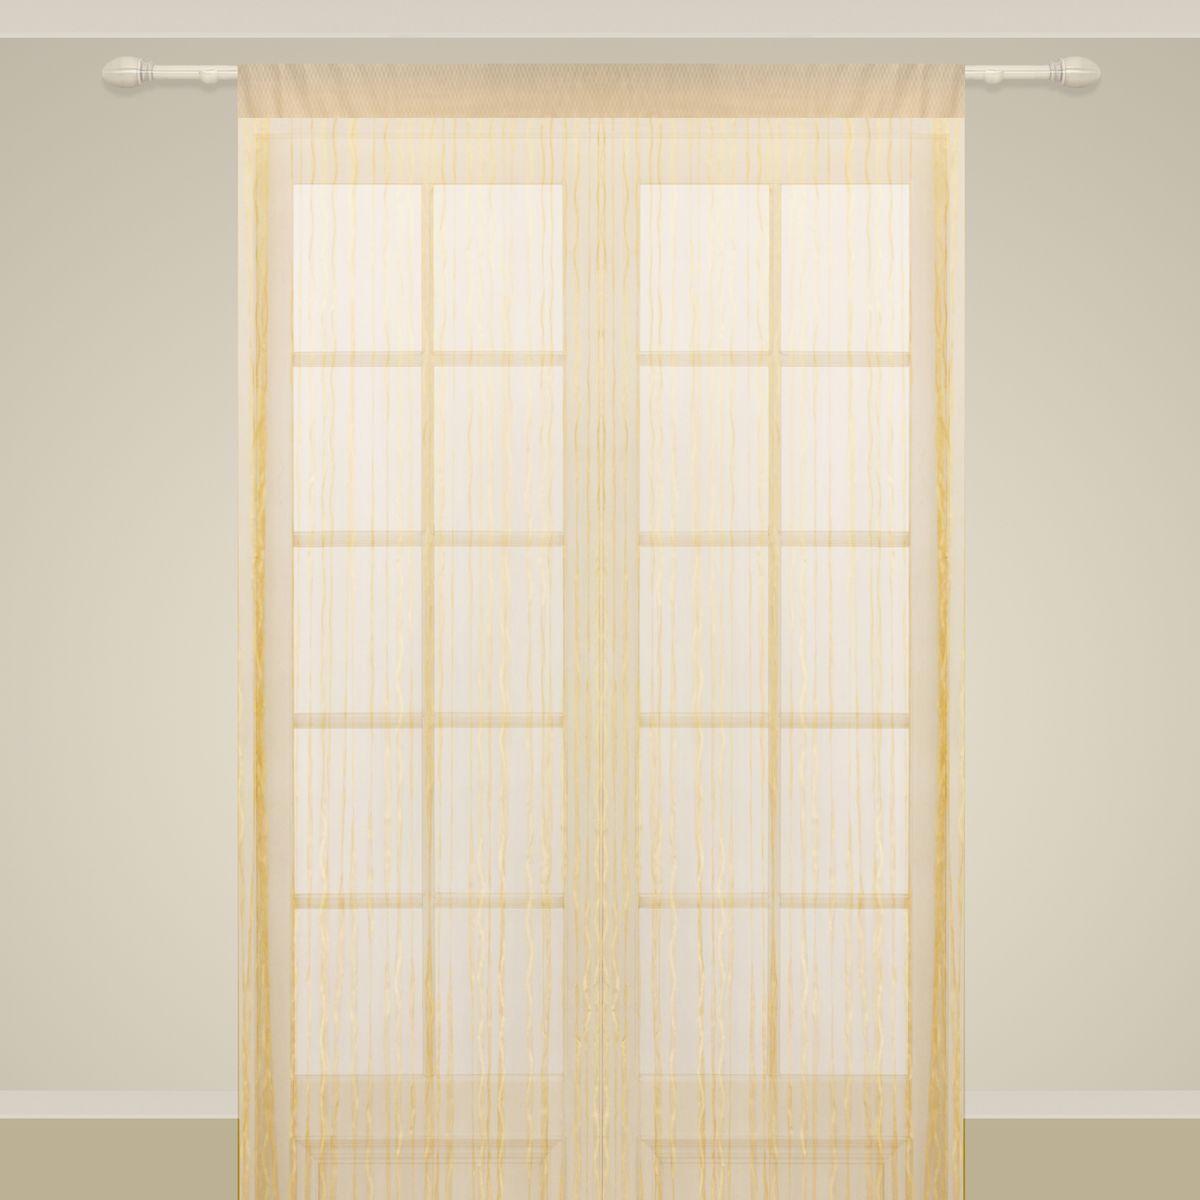 Штора нитяная Sanpa Home Collection, на ленте, цвет: салатовый, высота 290 смBH-UN0502( R)Штора нитяная Sanpa Home Collection, выполненная из текстиля, подходит как для зонирования пространства, так и для декорации окна, как самостоятельное решение или дополнение к шторам. Такая штора великолепно дополнит интерьер вашего дома и станет отличным дизайнерским решением.